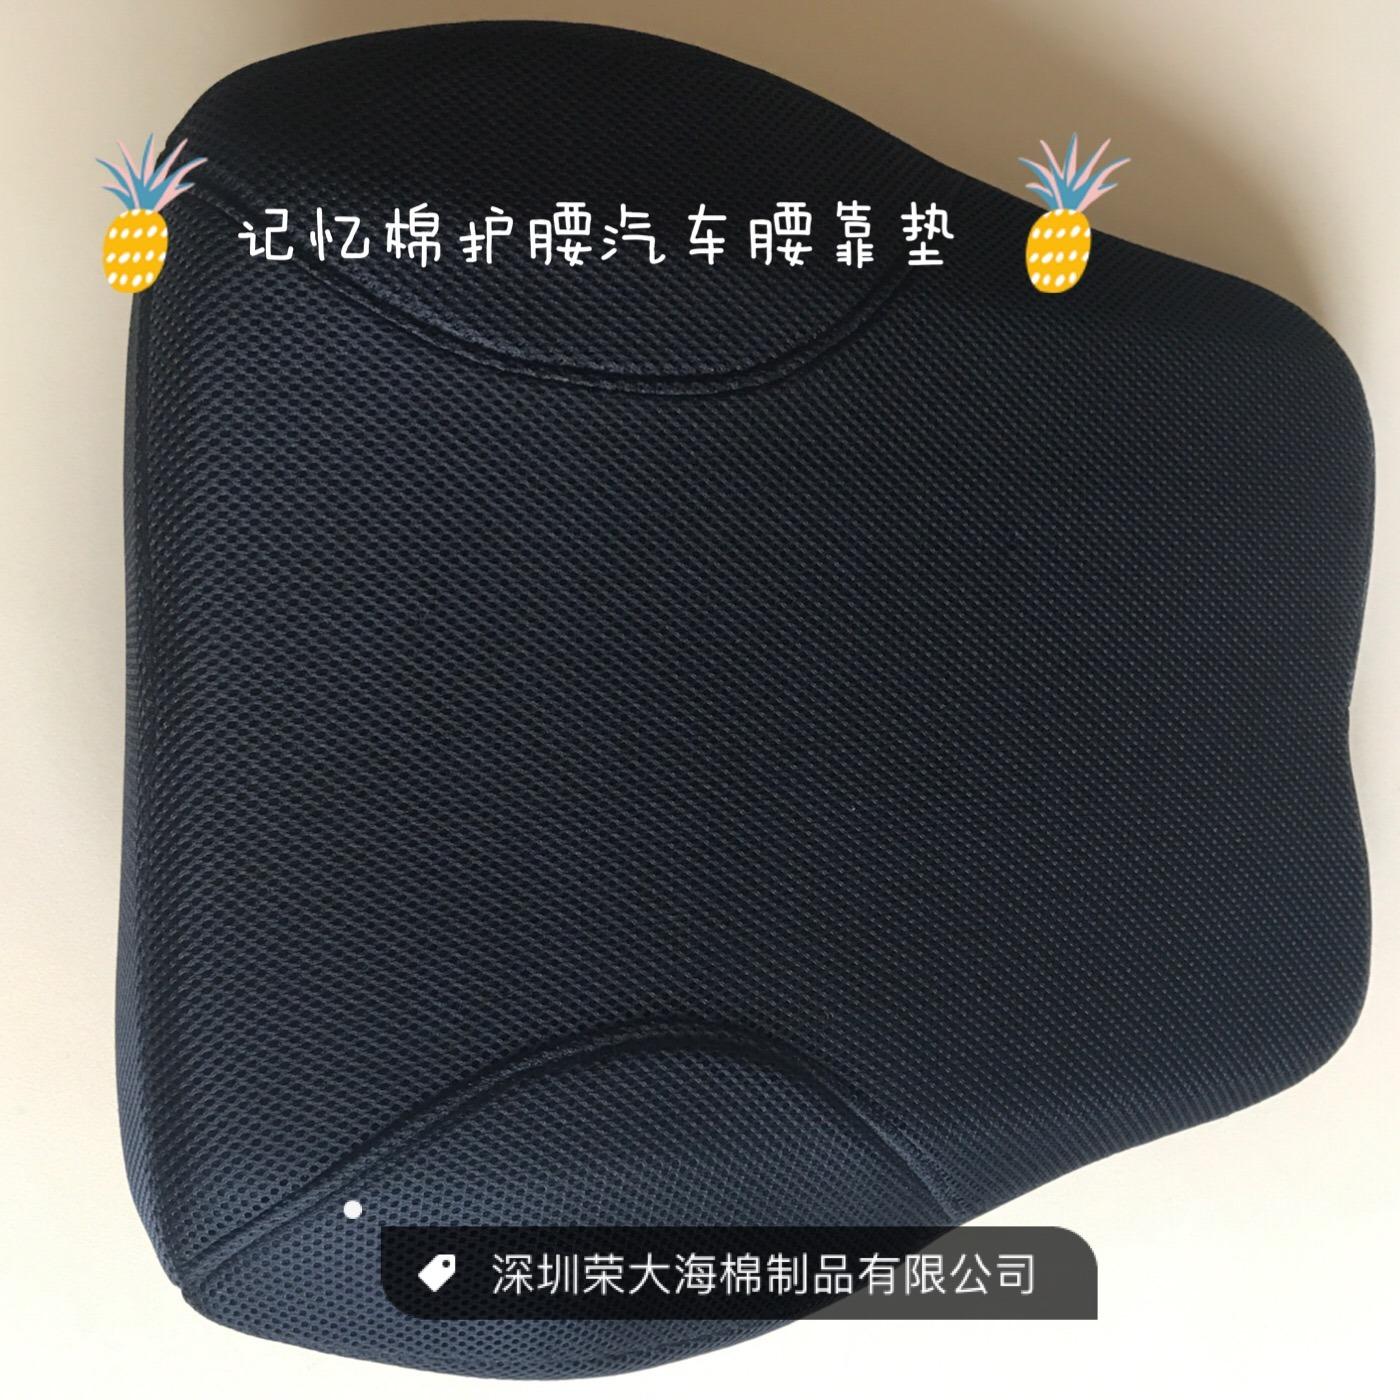 汽车头枕 汽车用品 记忆棉骨头颈枕头车用护颈靠枕 内饰用品批发